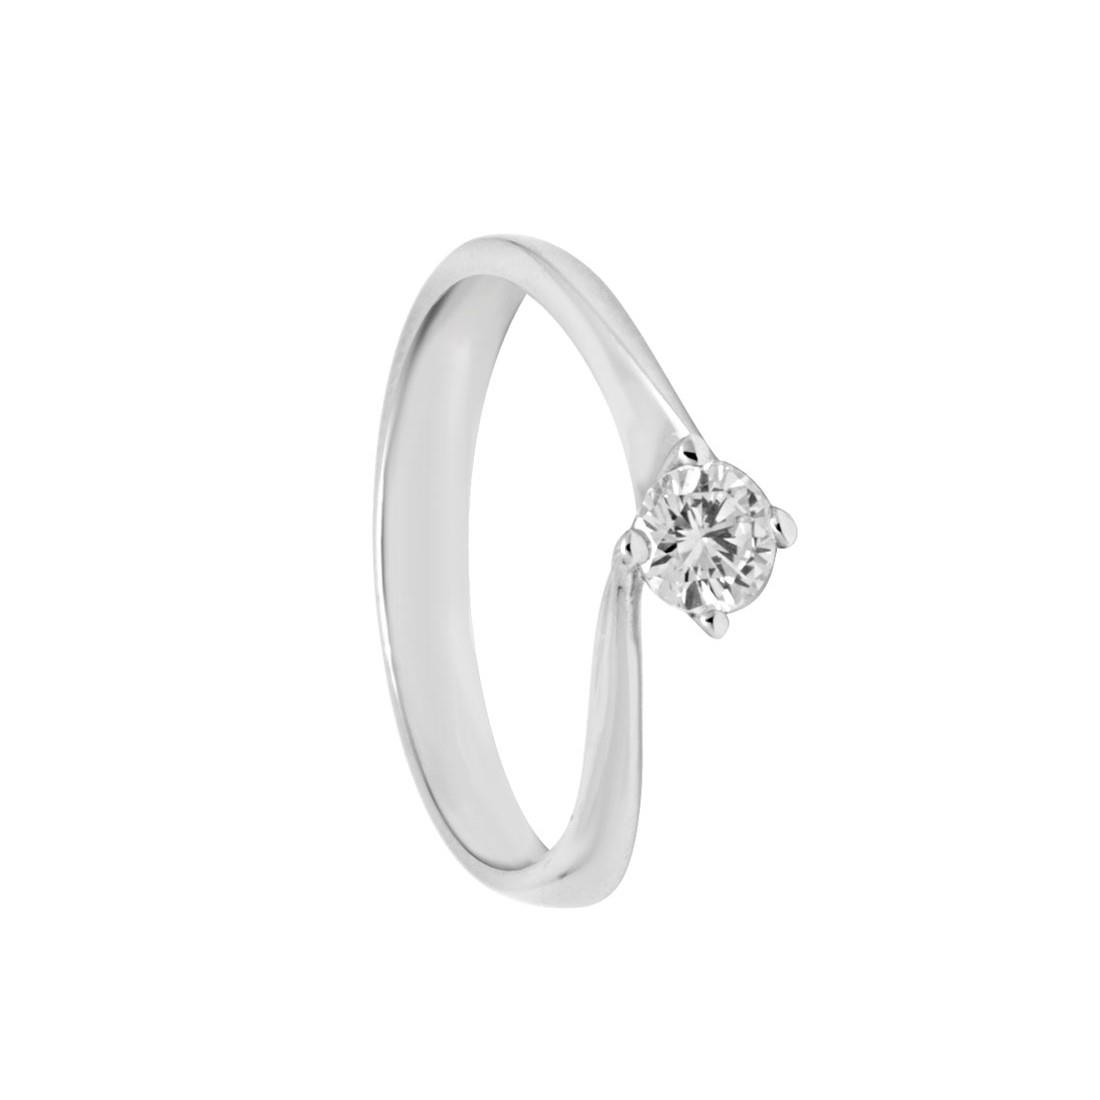 Anello solitario in oro bianco con diamanti mis 15 - ORO&CO